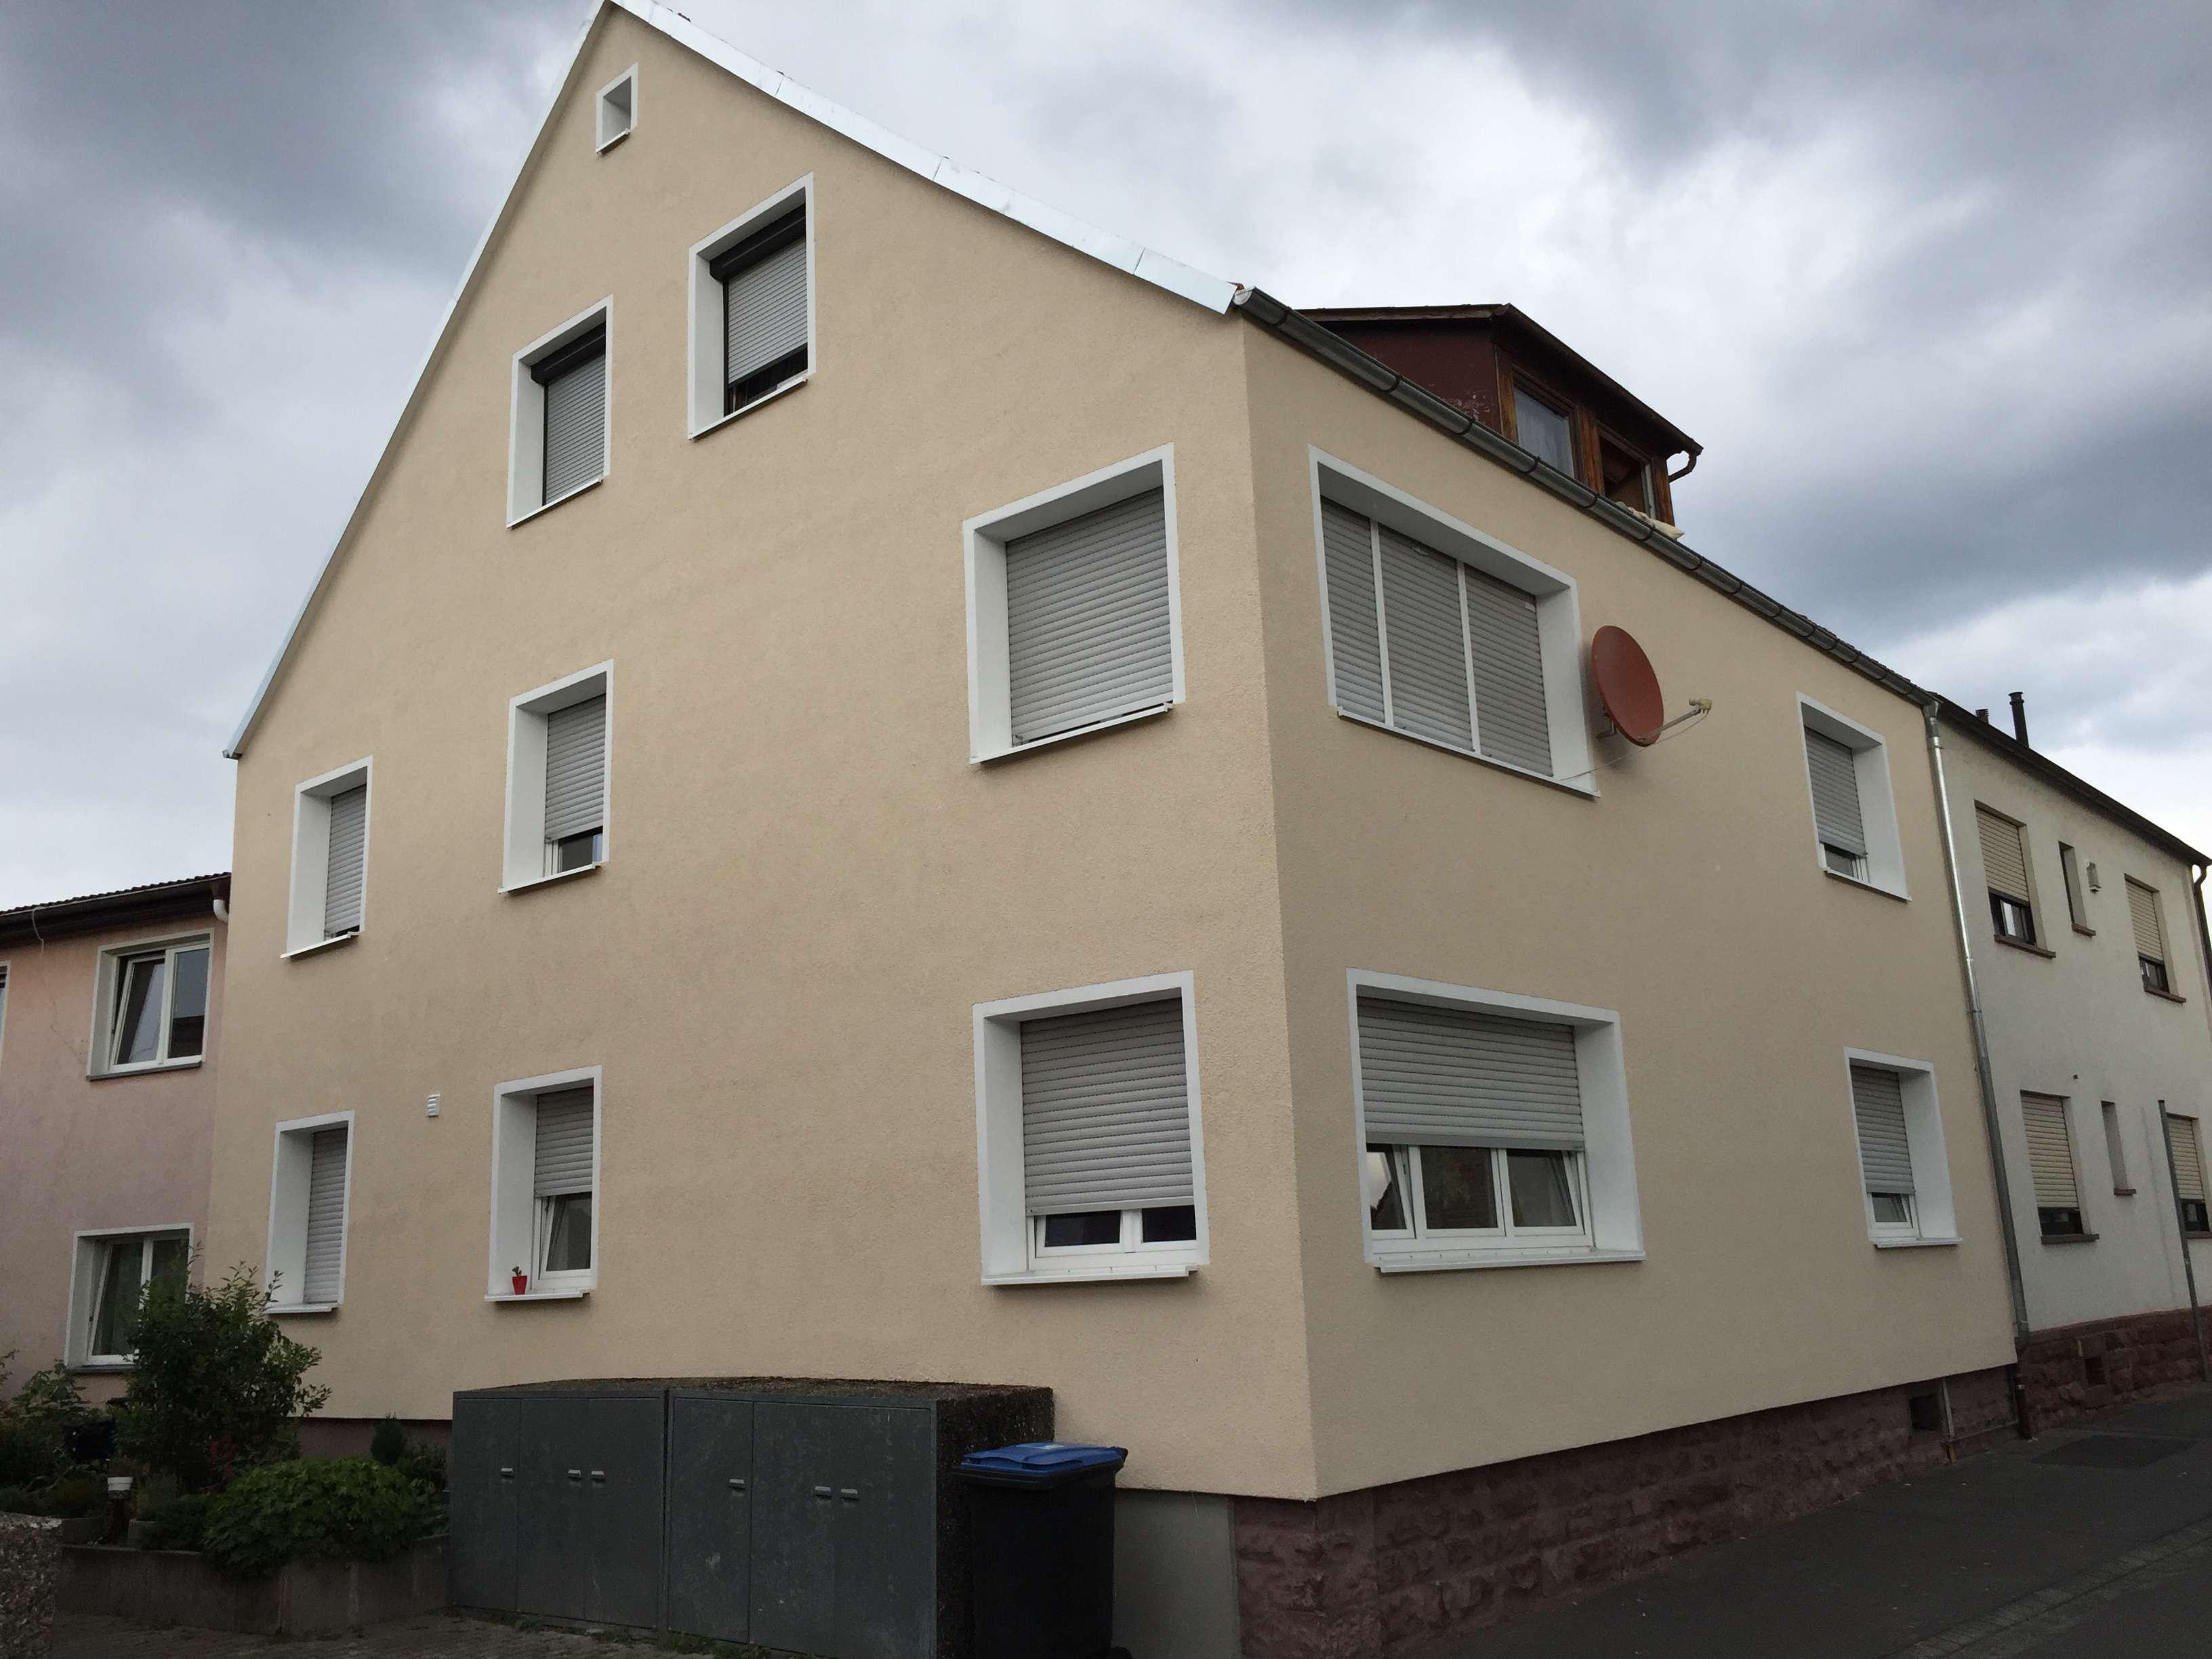 Erstbezug nach Sanierung mit Balkon: freundliche 3-Zimmer-Wohnung in Großheubach im 1. OG in